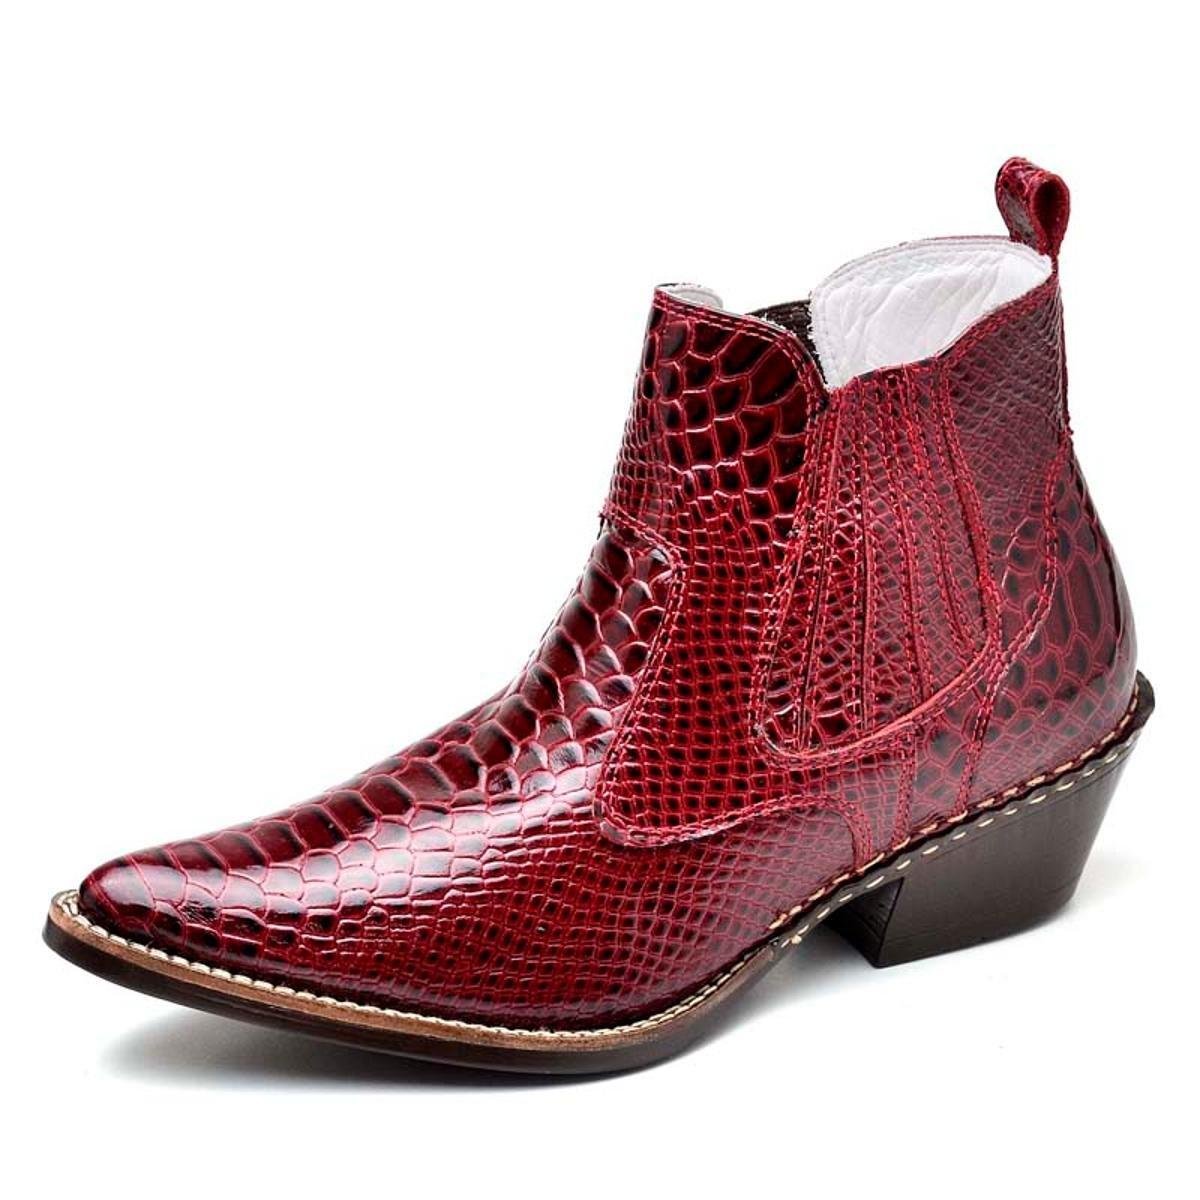 Bota Couro Country Top Franca Shoes Masculino - Vermelho